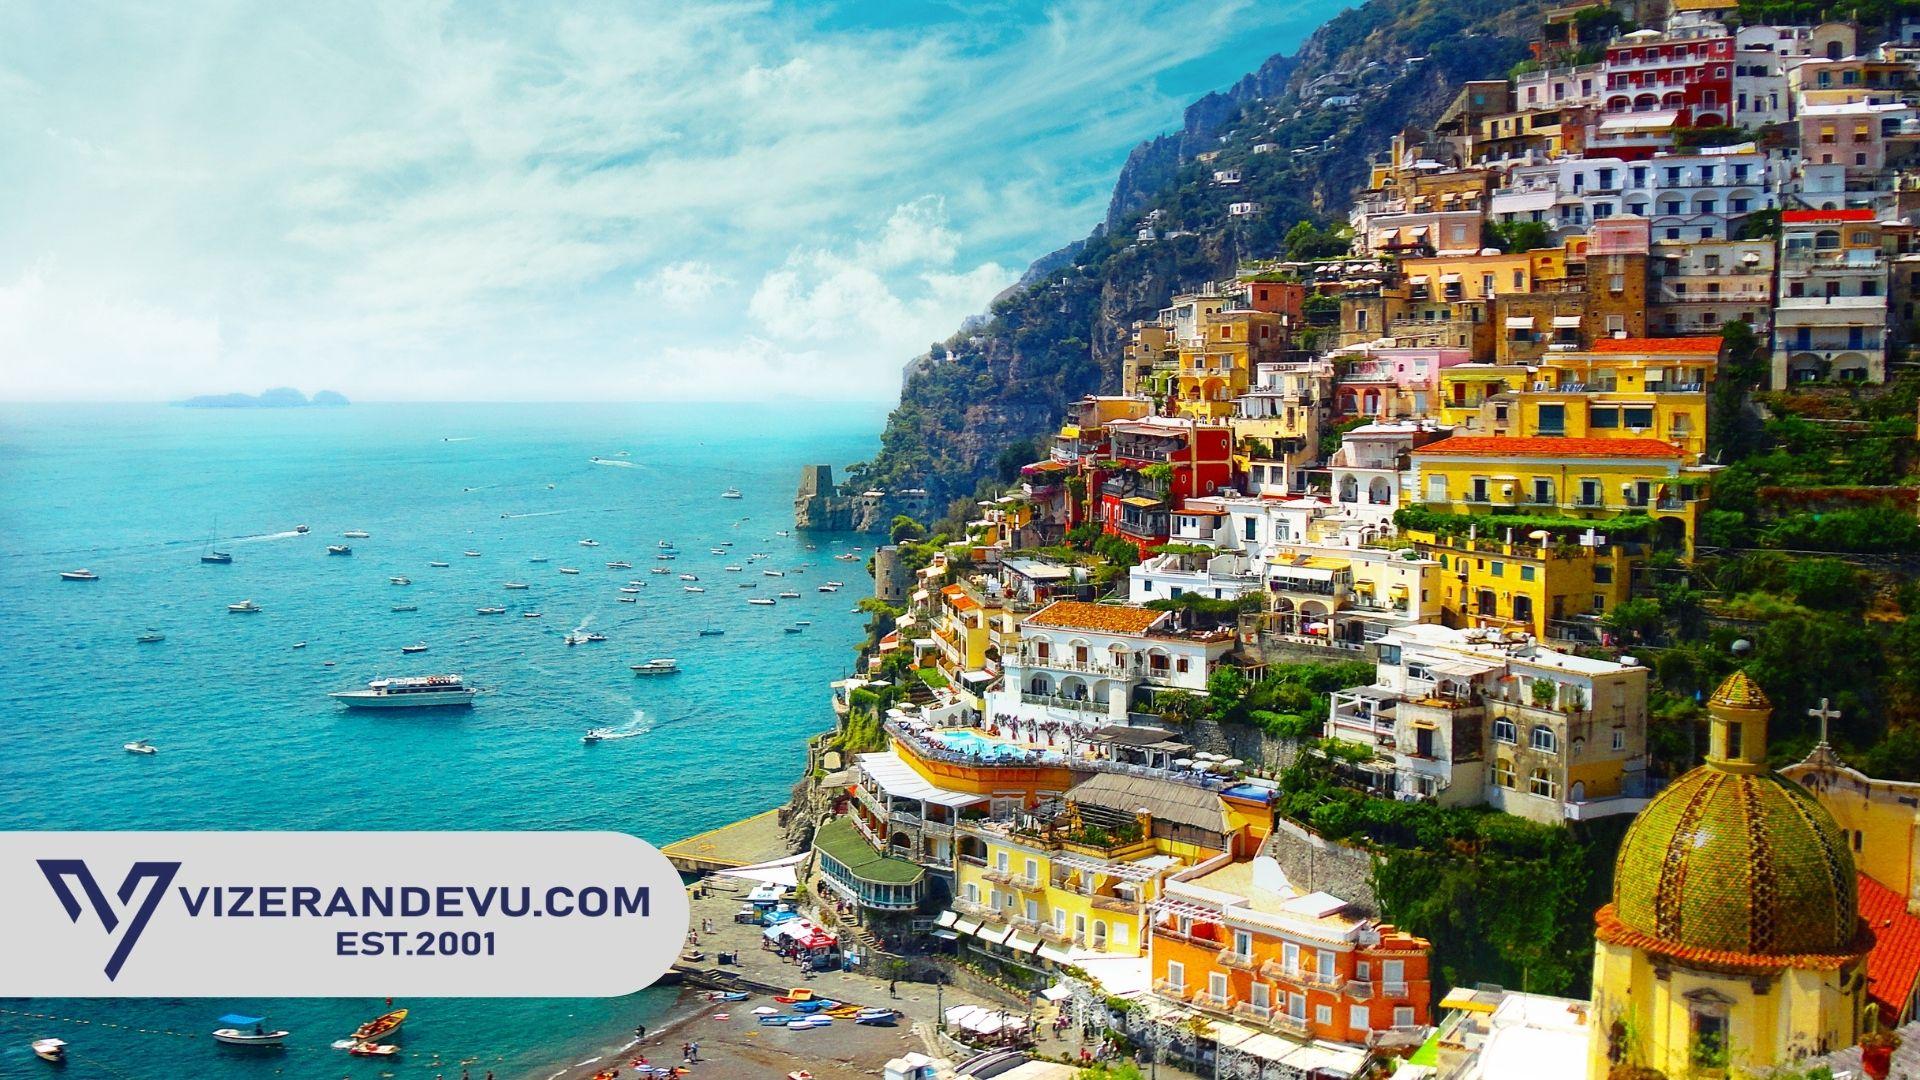 İtalya Vize Formu ve Dilekçe 2021